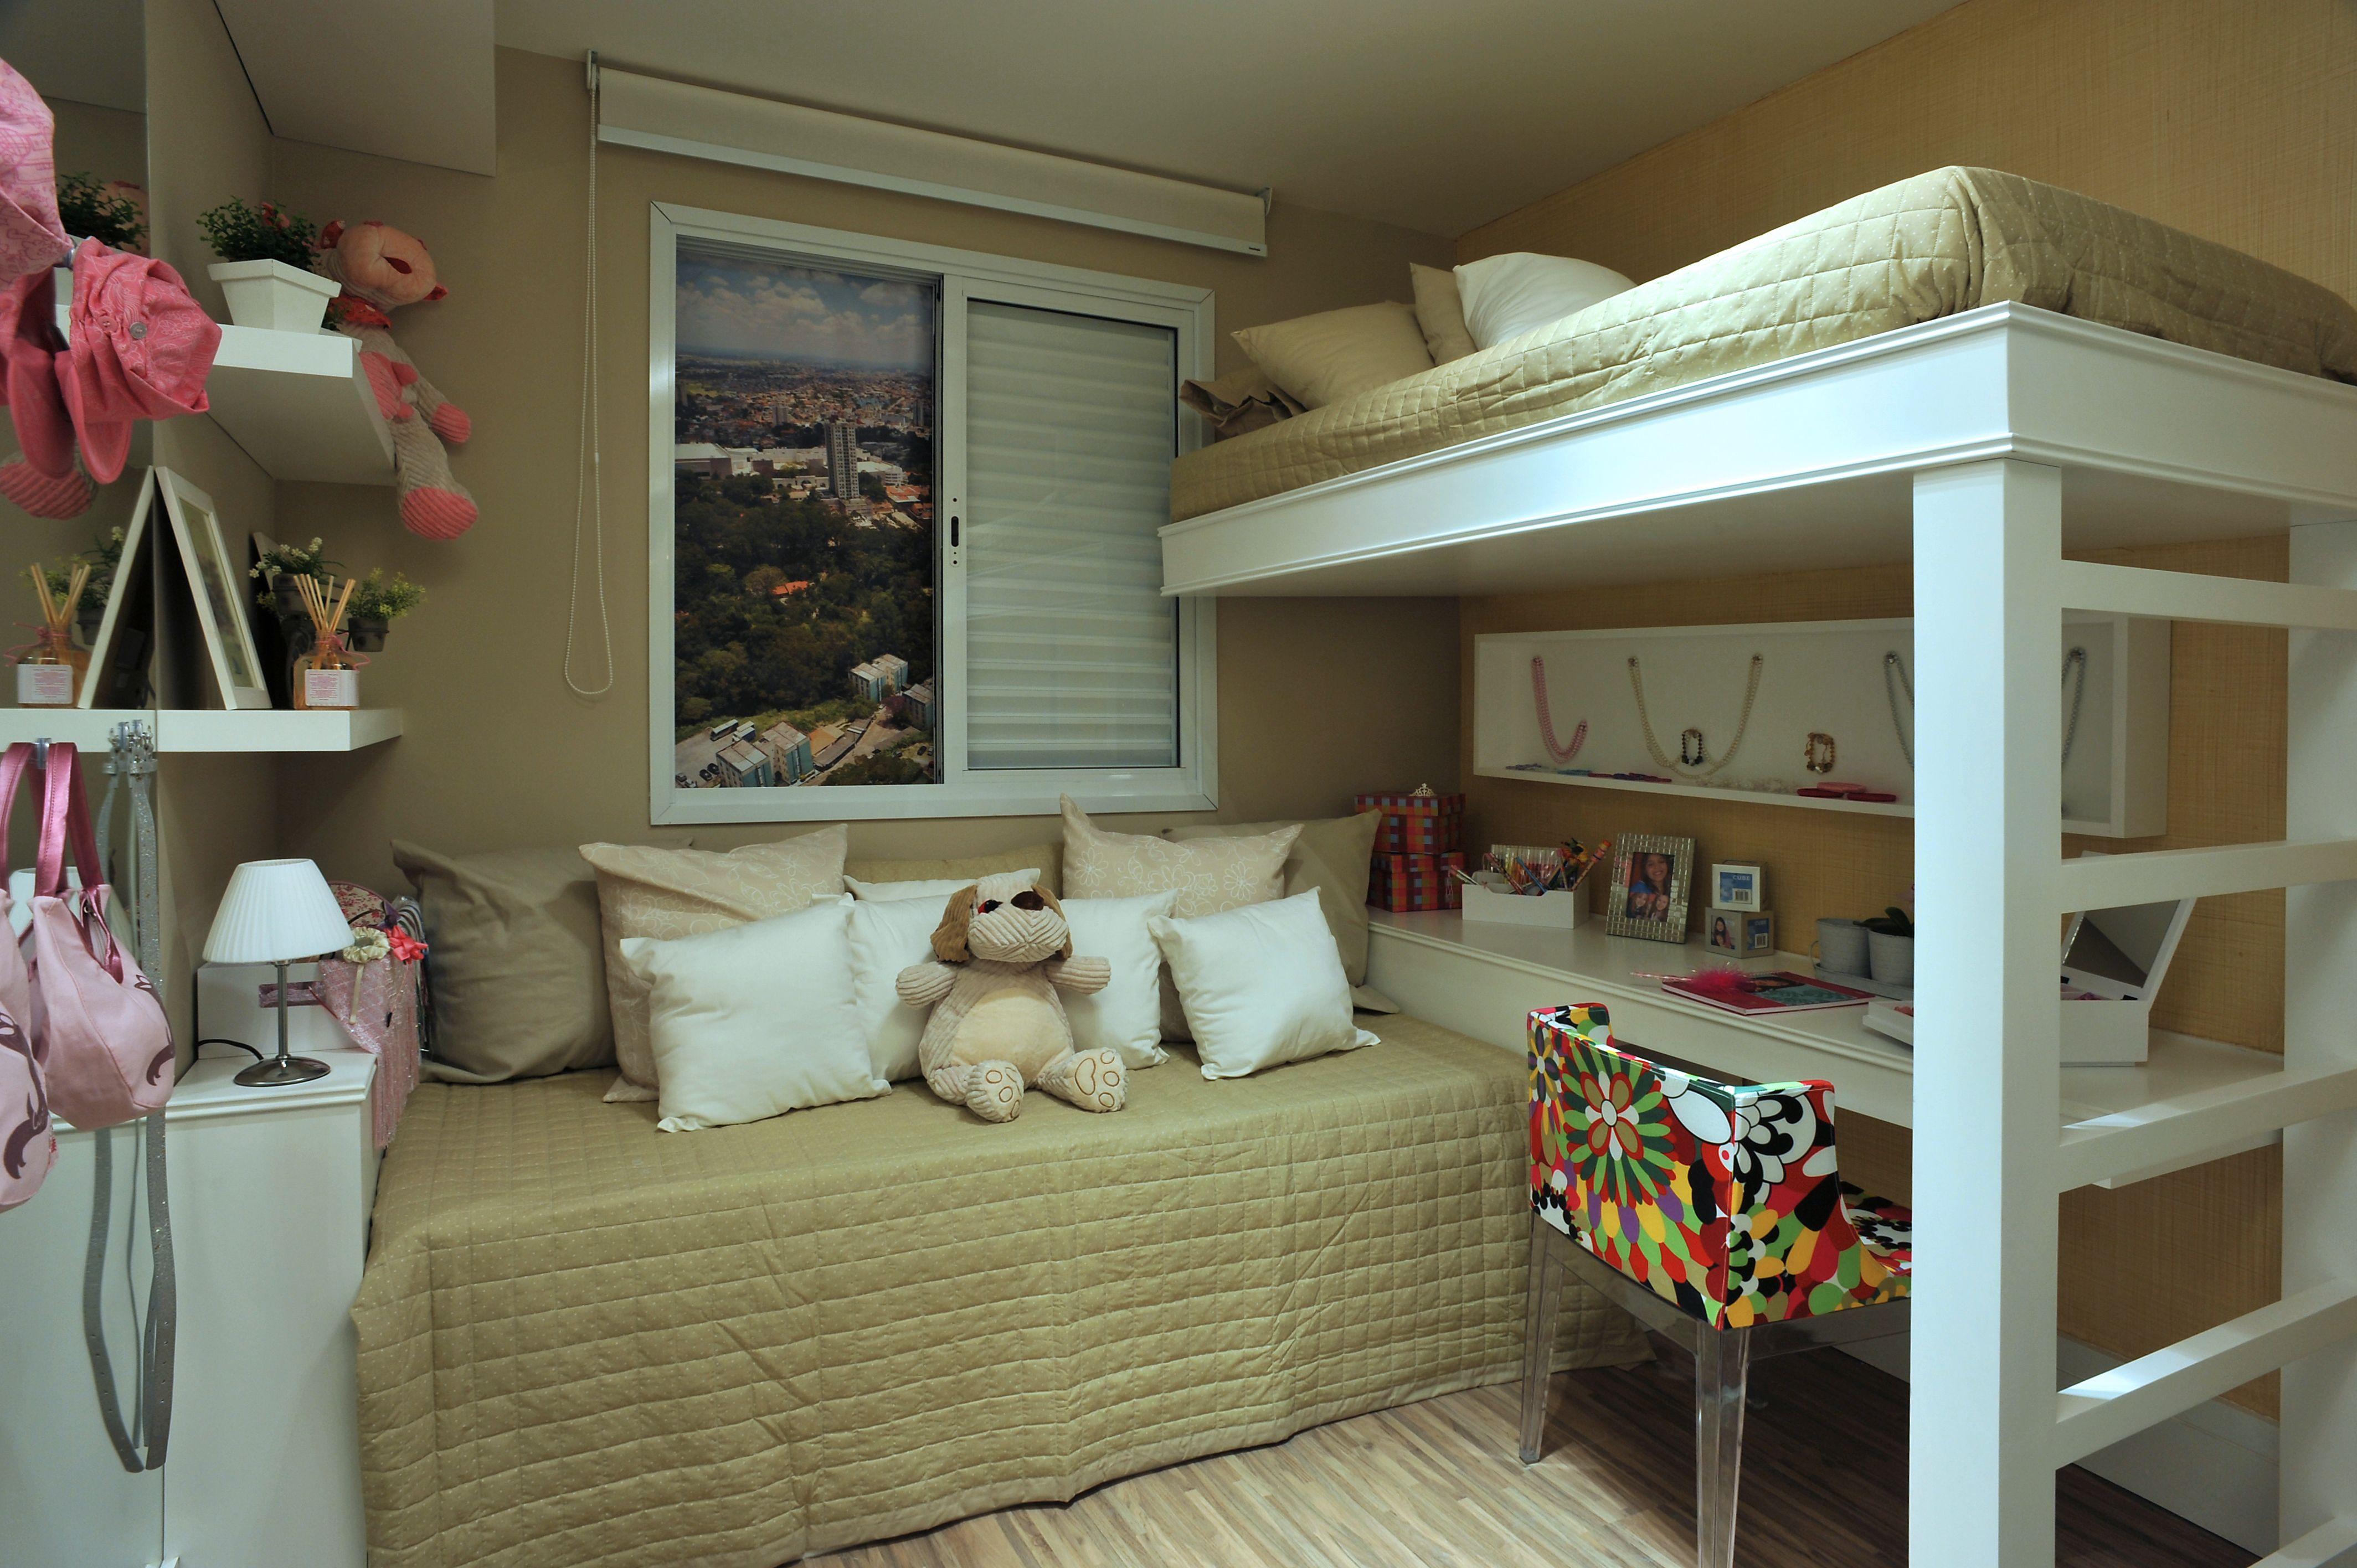 Décor, The Menina, Room ~ Quarto Rosa Bege